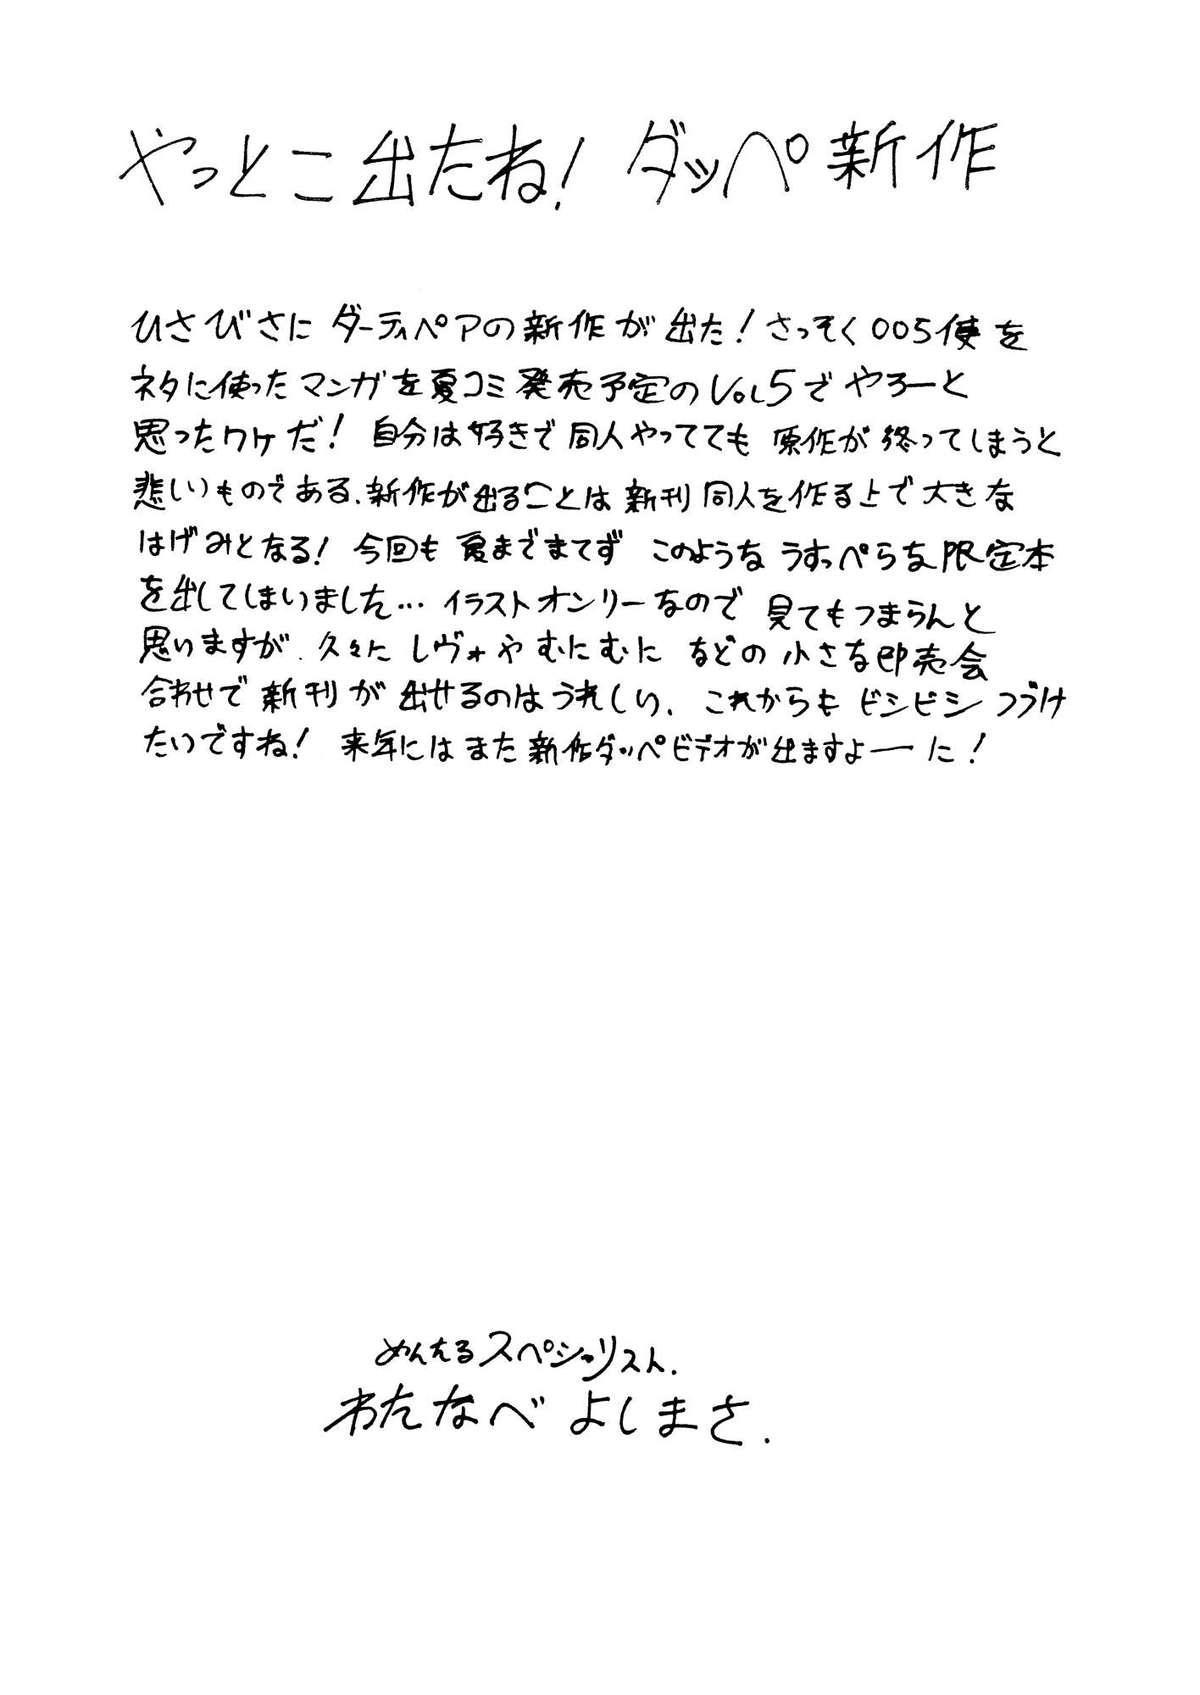 Syuku Shinsaku Dirty Pair Hatsubaikinen Genteibon 1